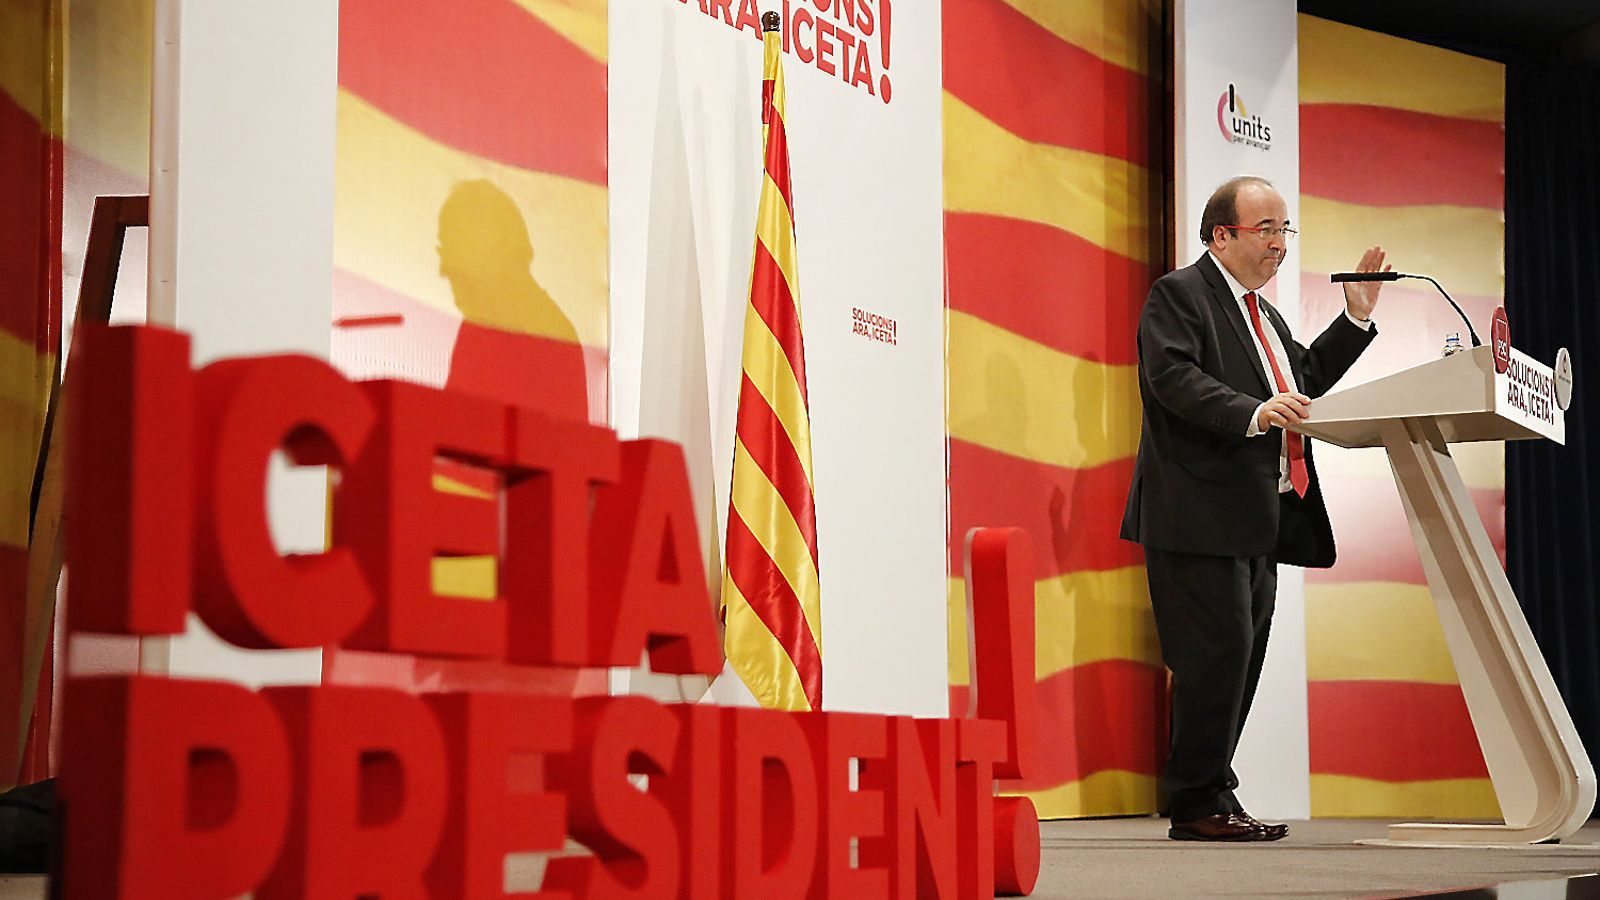 El candidat del PSC al 21-D, Miquel Iceta, ahir en un míting de campanya a Badalona.